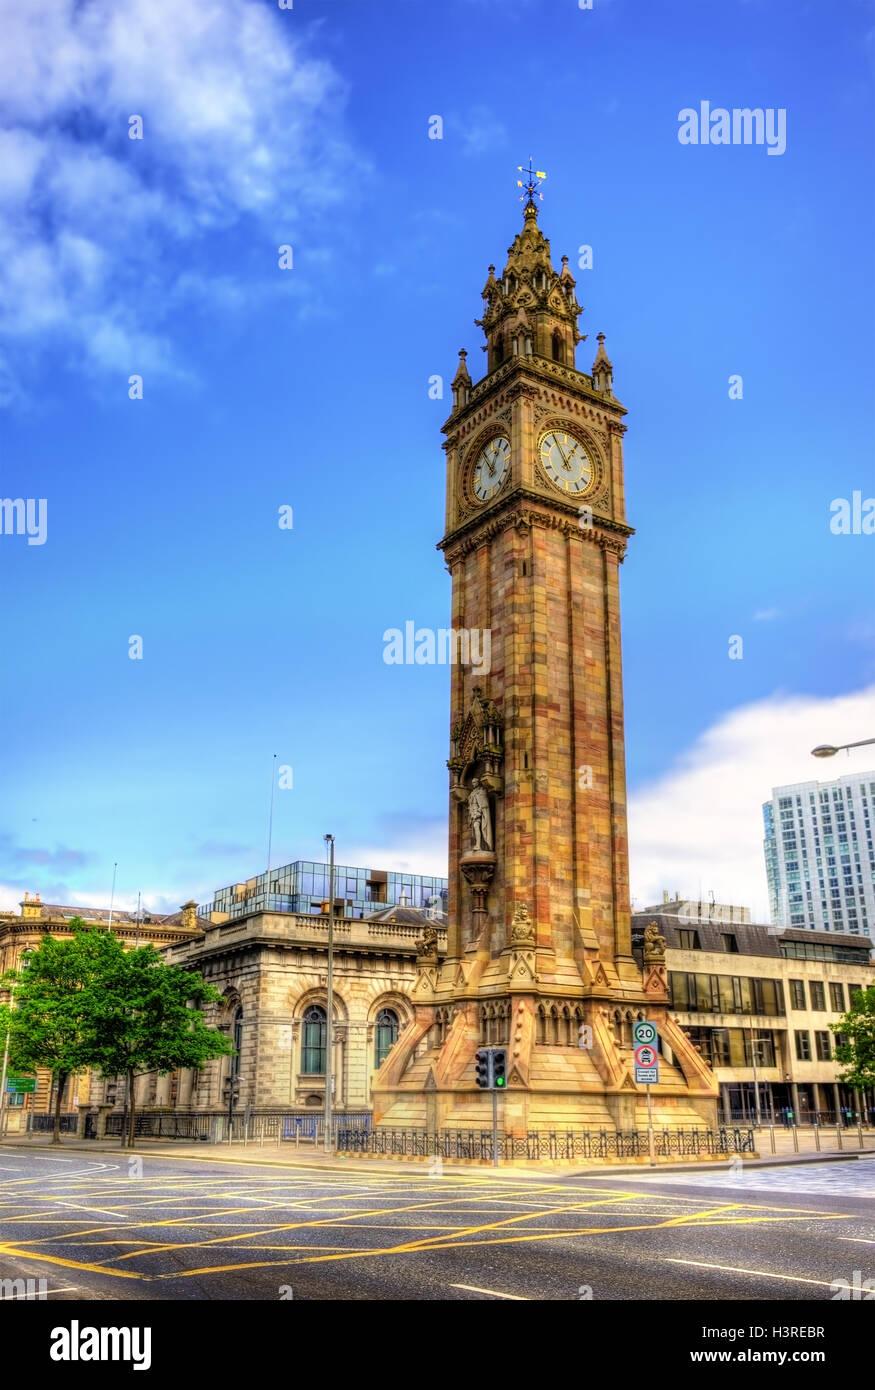 Albert Memorial Clock in Belfast - Northern Ireland - Stock Image